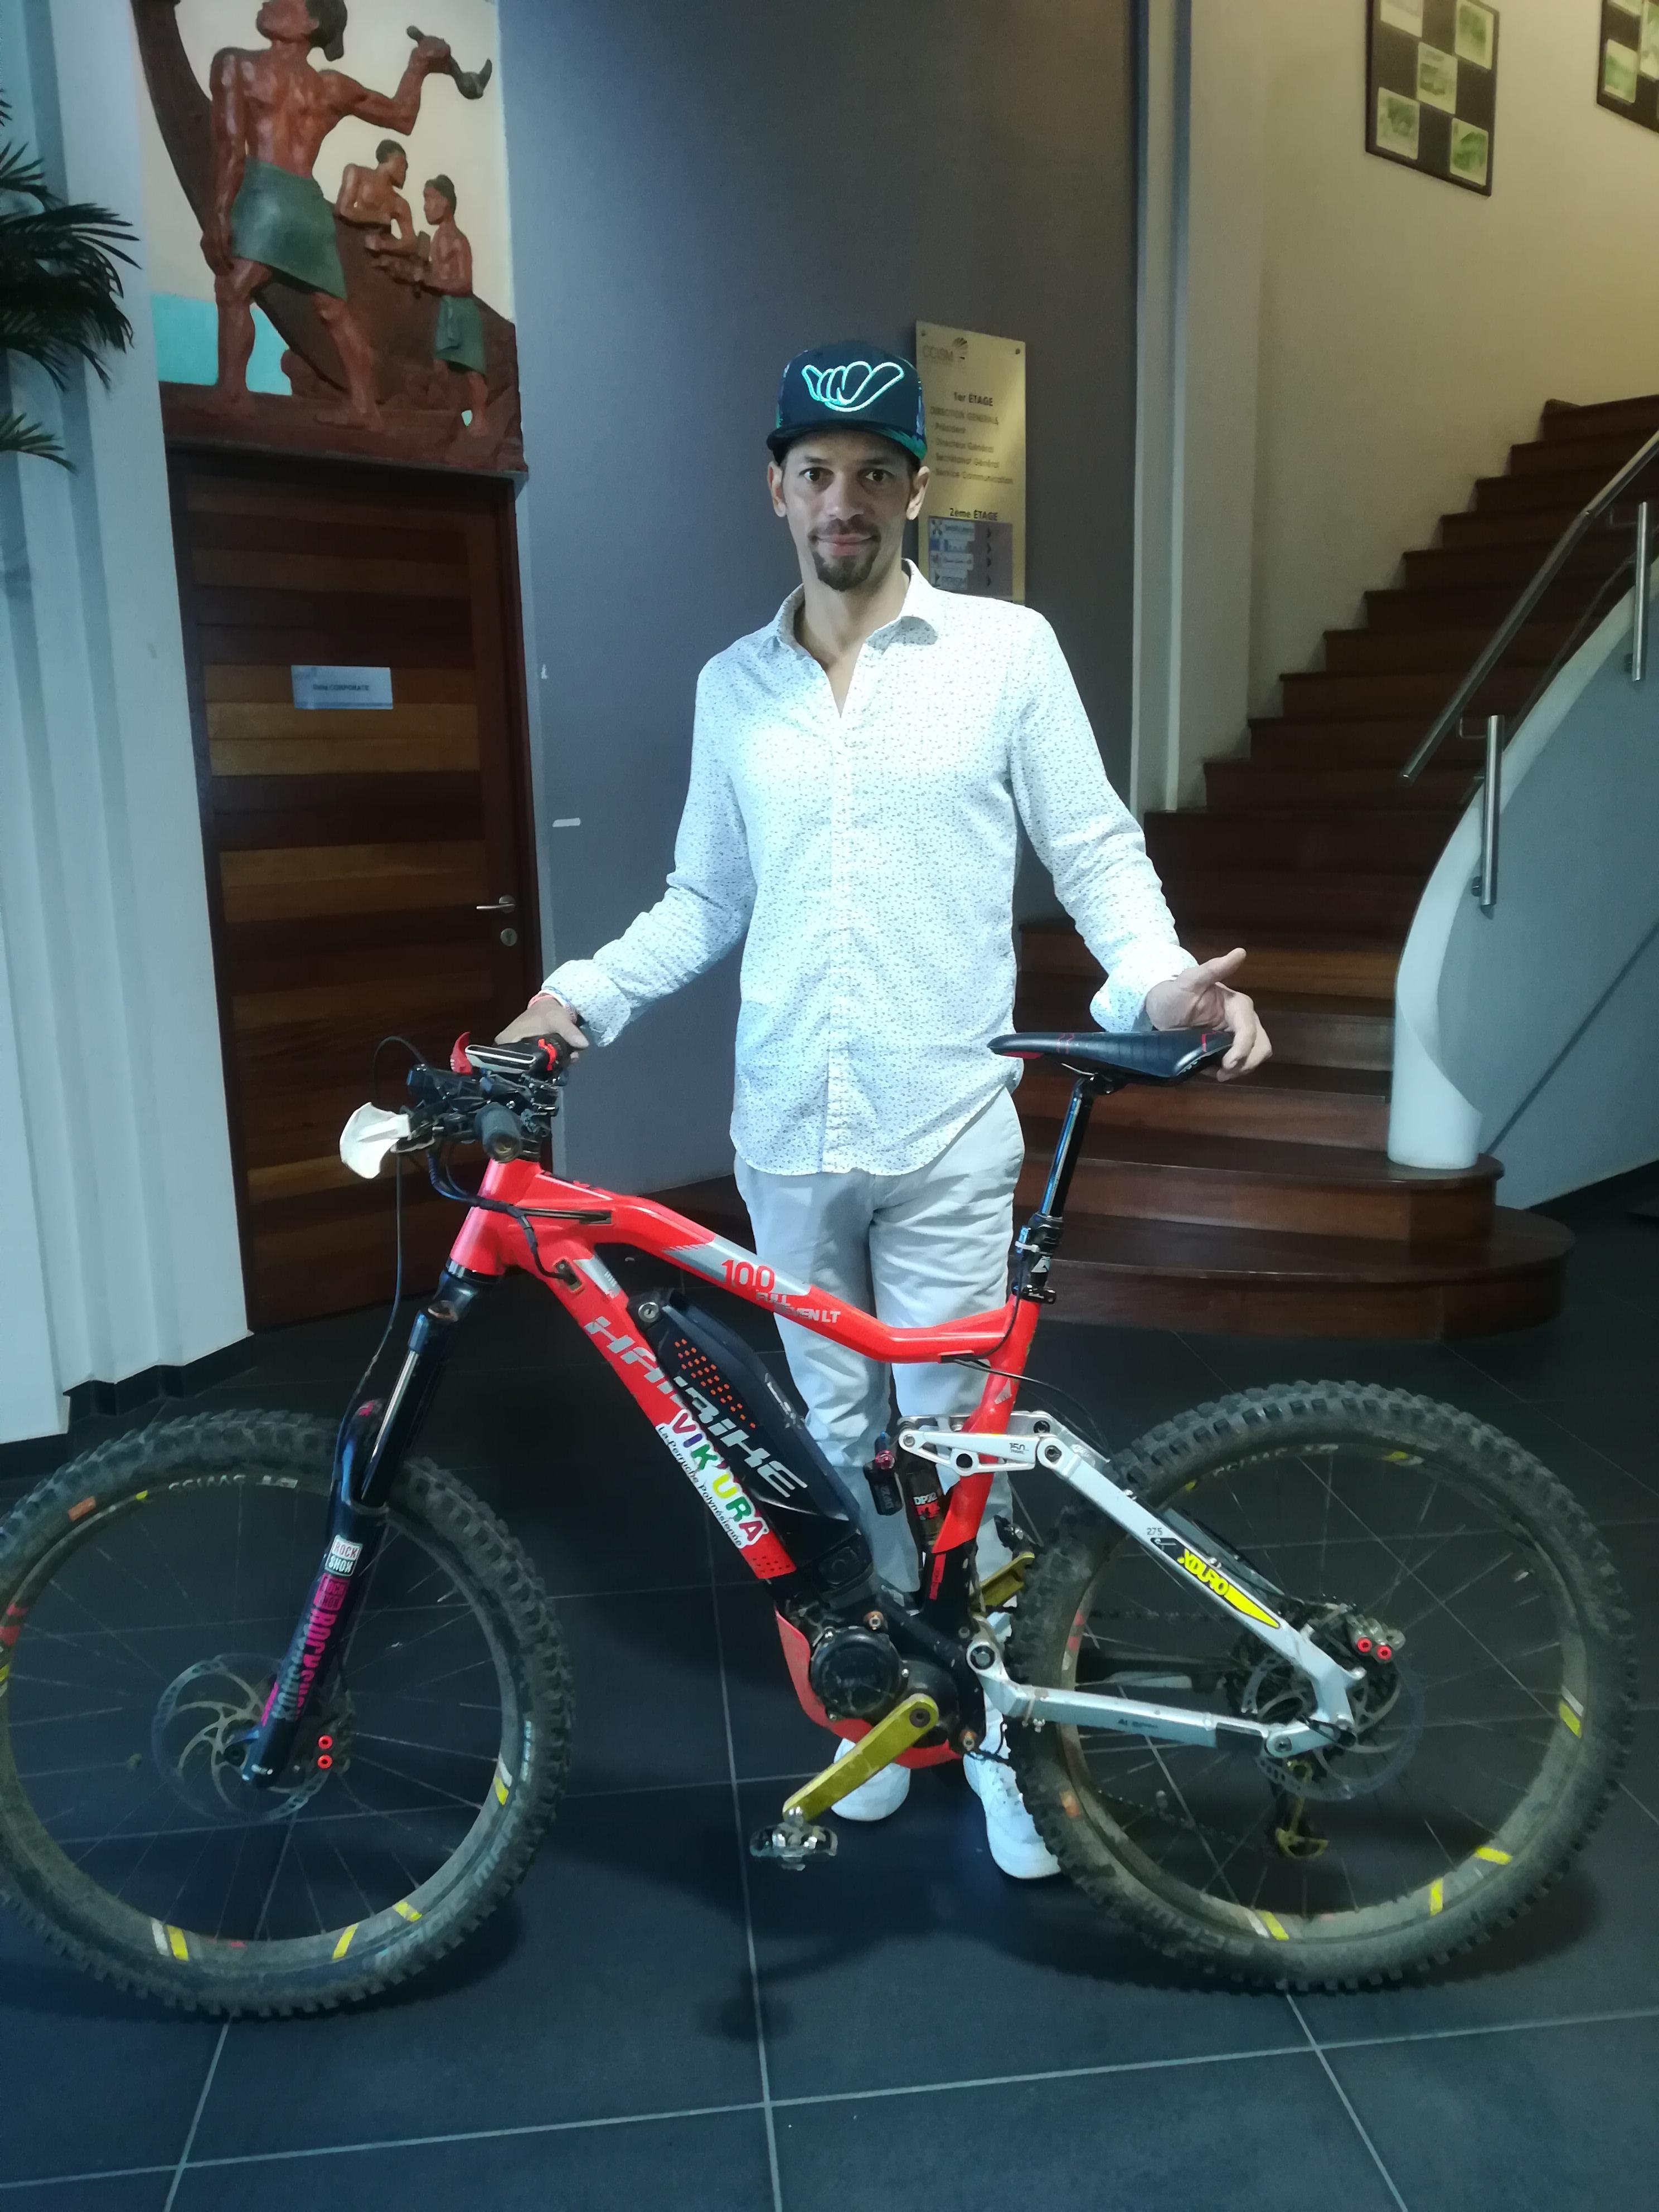 Medhi, de la société Haibike, propose de s'initier aux vélos électriques.